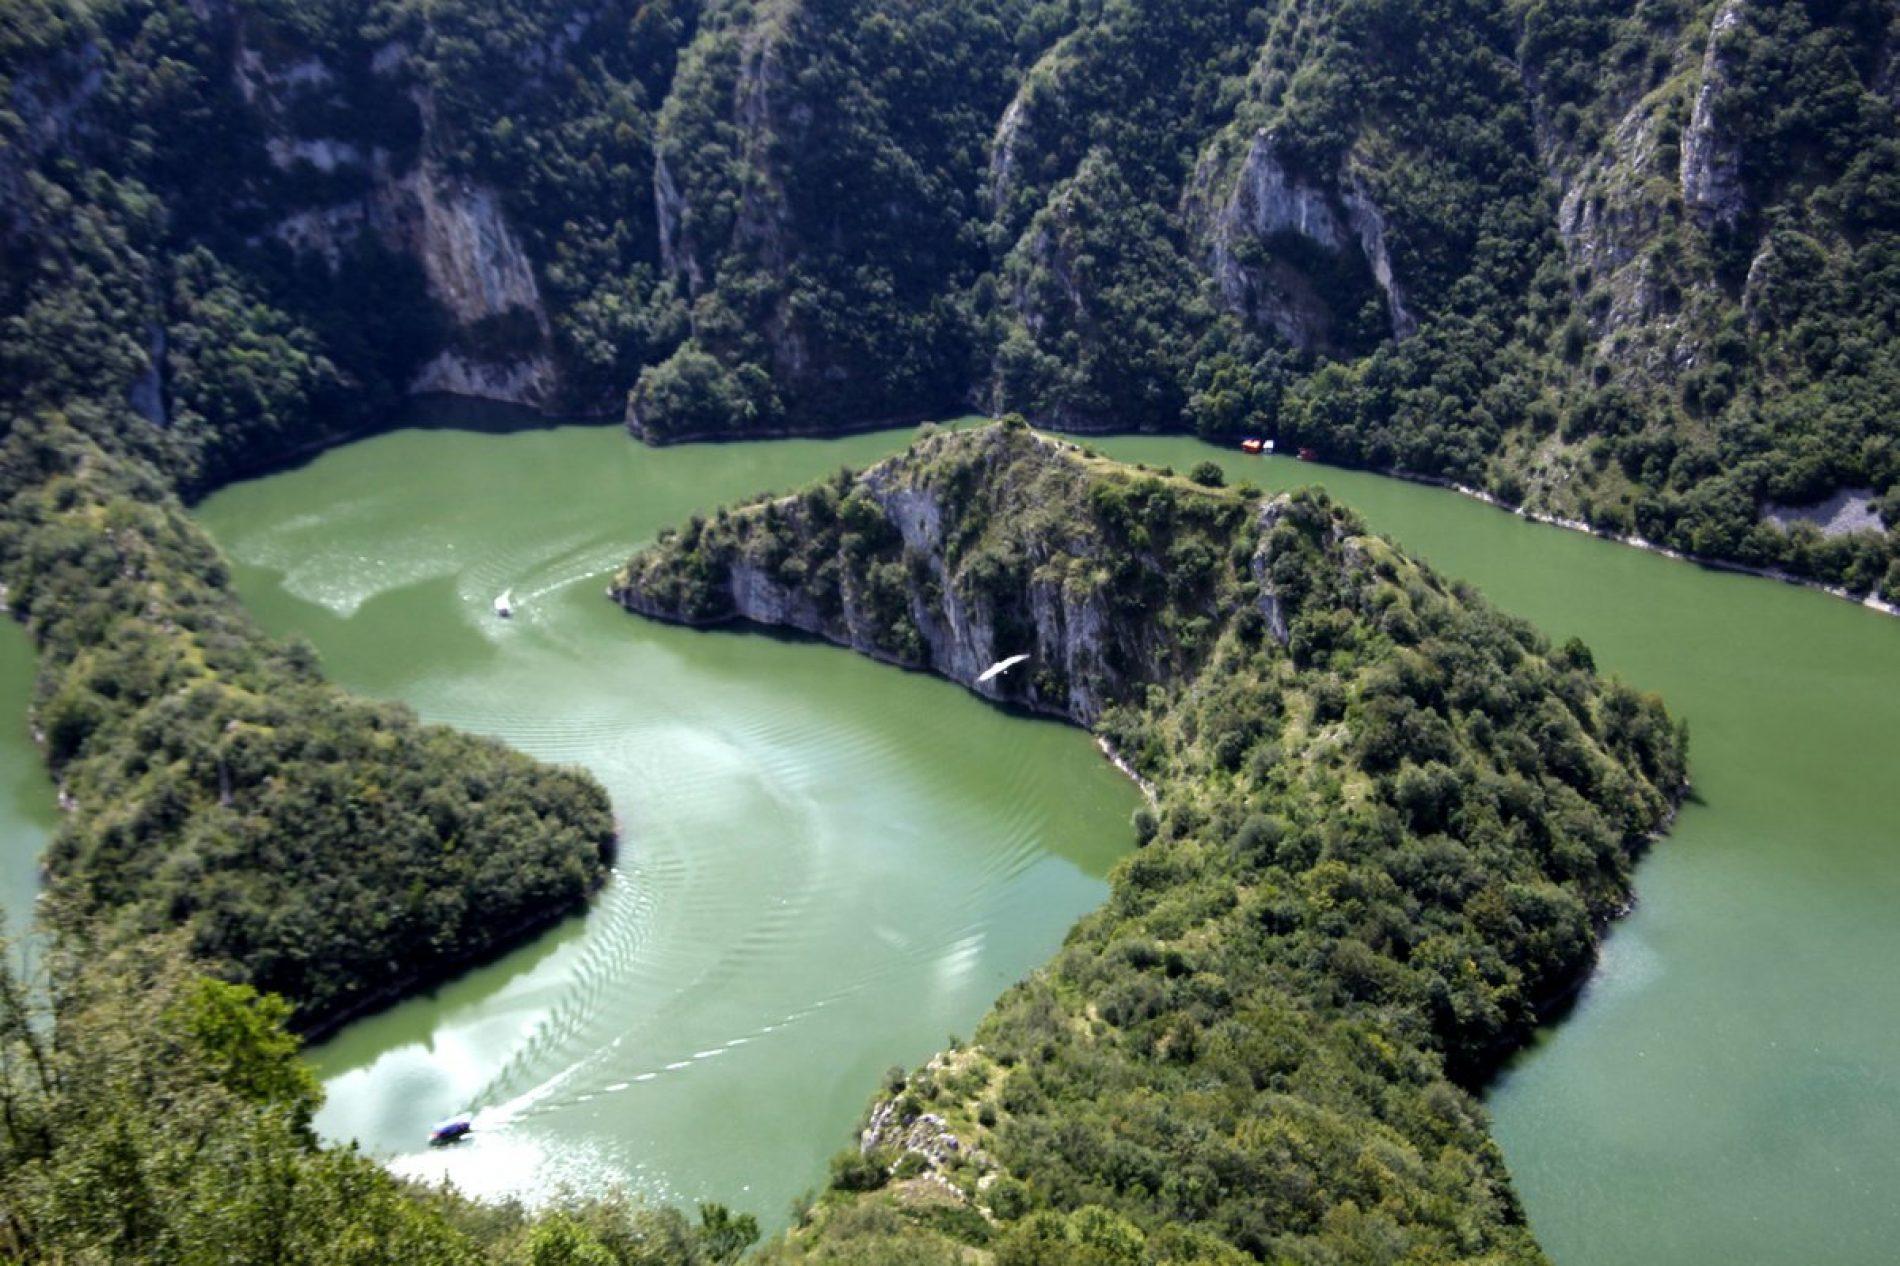 Sandžak: Zbog prirodnih ljepota Sjenica postala jedinstvena turistička destinacija